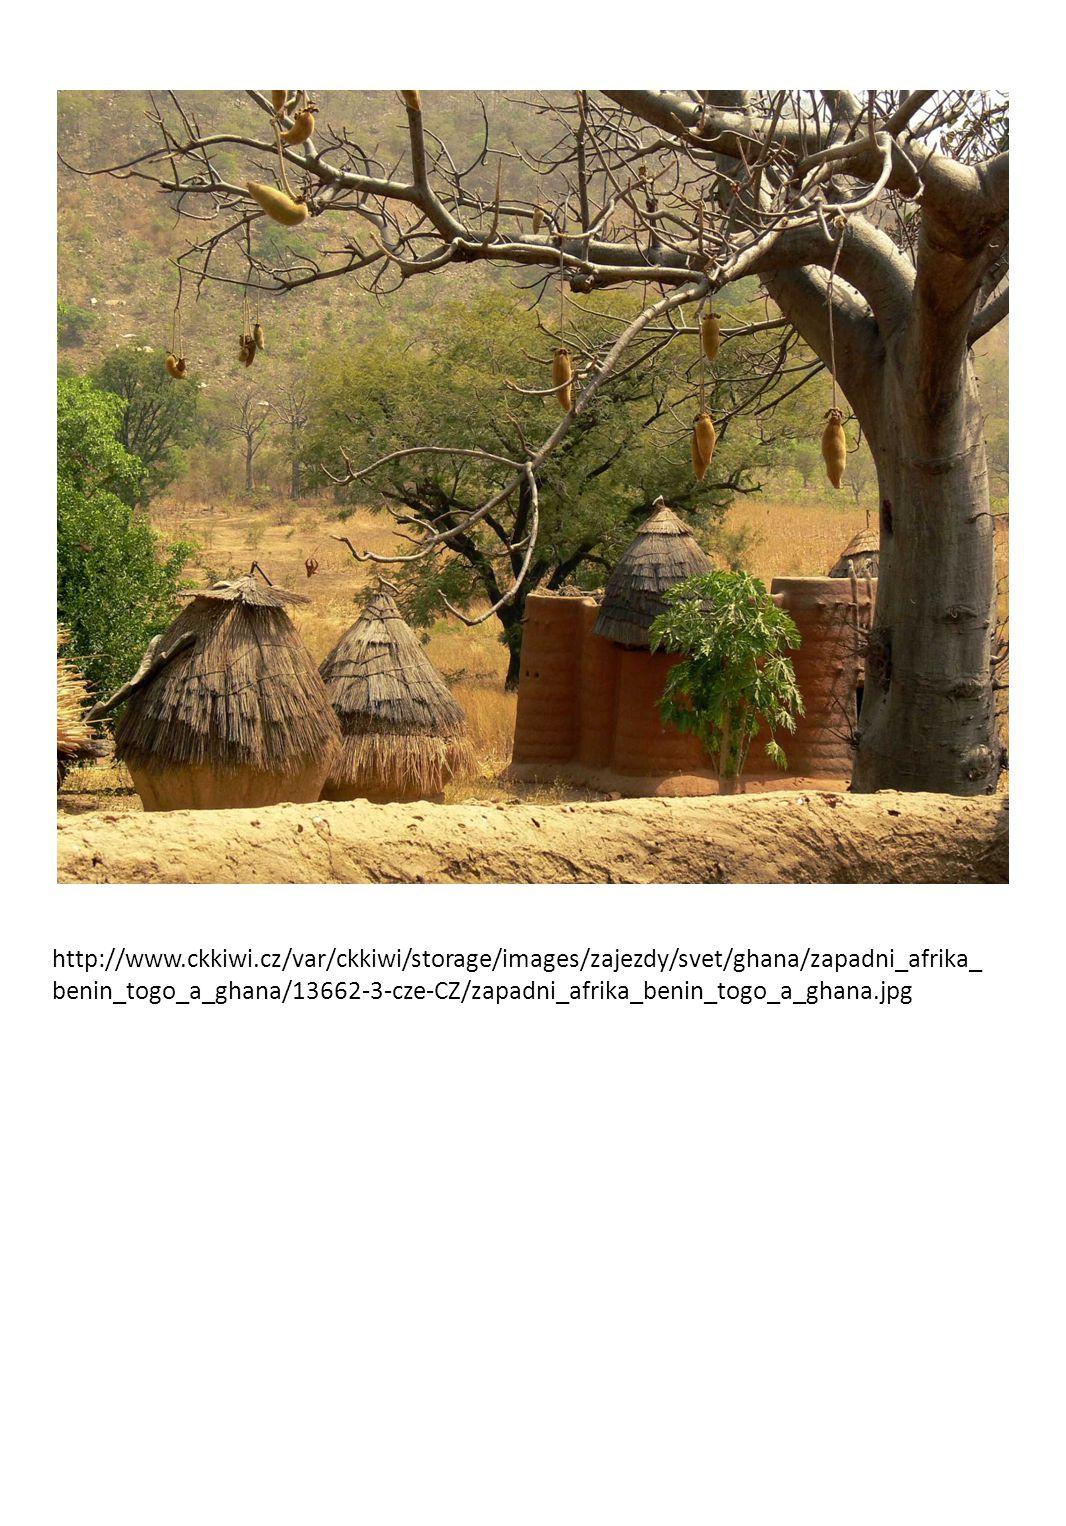 http://www.ckkiwi.cz/var/ckkiwi/storage/images/zajezdy/svet/ghana/zapadni_afrika_ benin_togo_a_ghana/13662-3-cze-CZ/zapadni_afrika_benin_togo_a_ghana.jpg